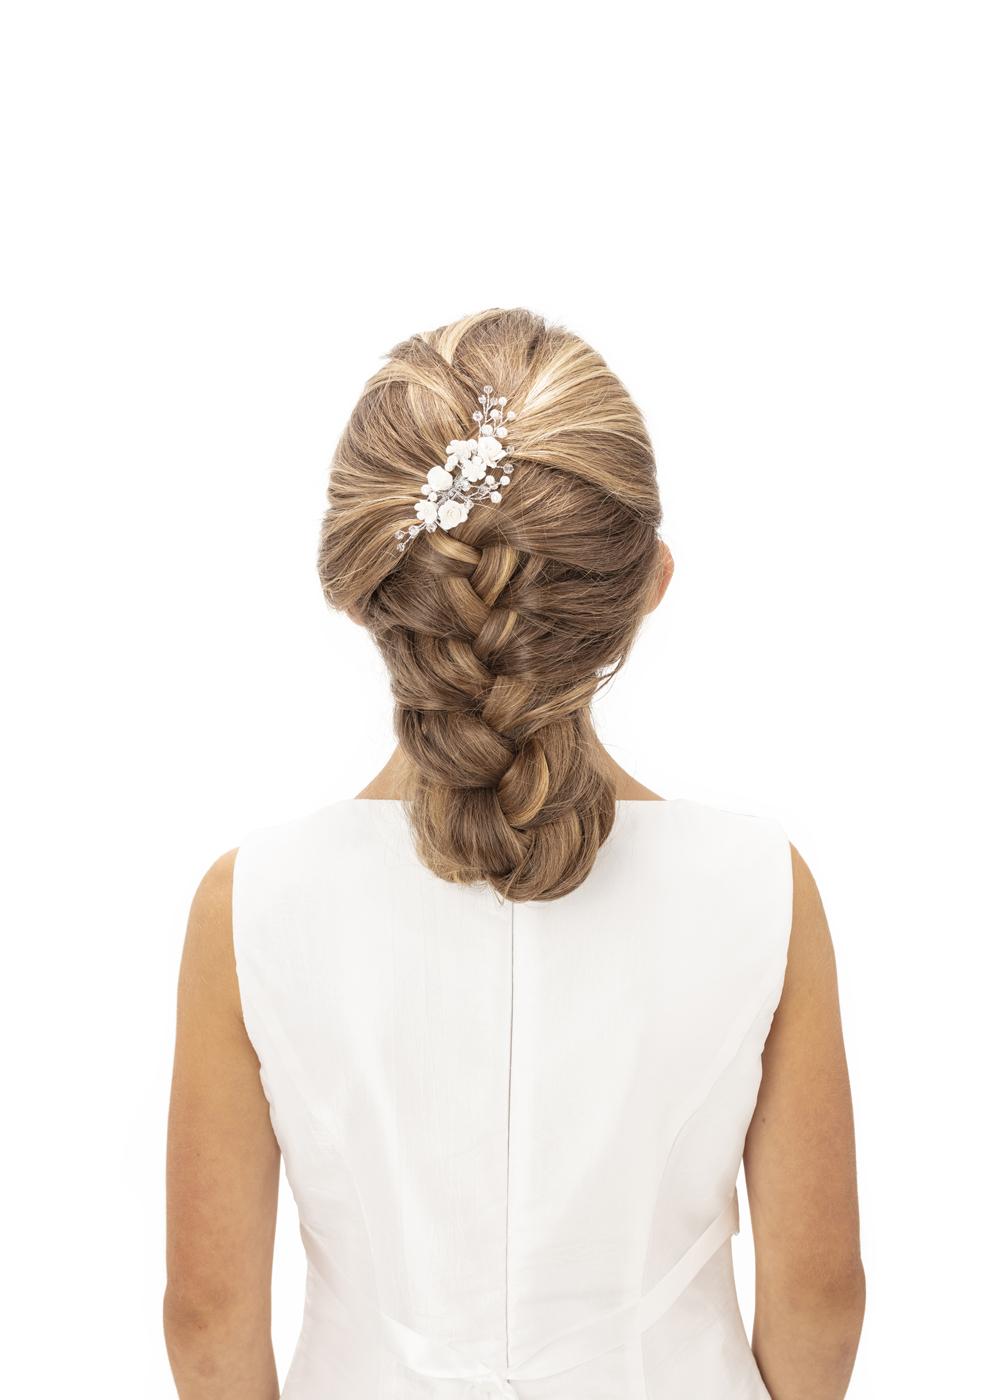 Kommunion Accessoires für Mädchen. Haarschmuck Modell 256509.